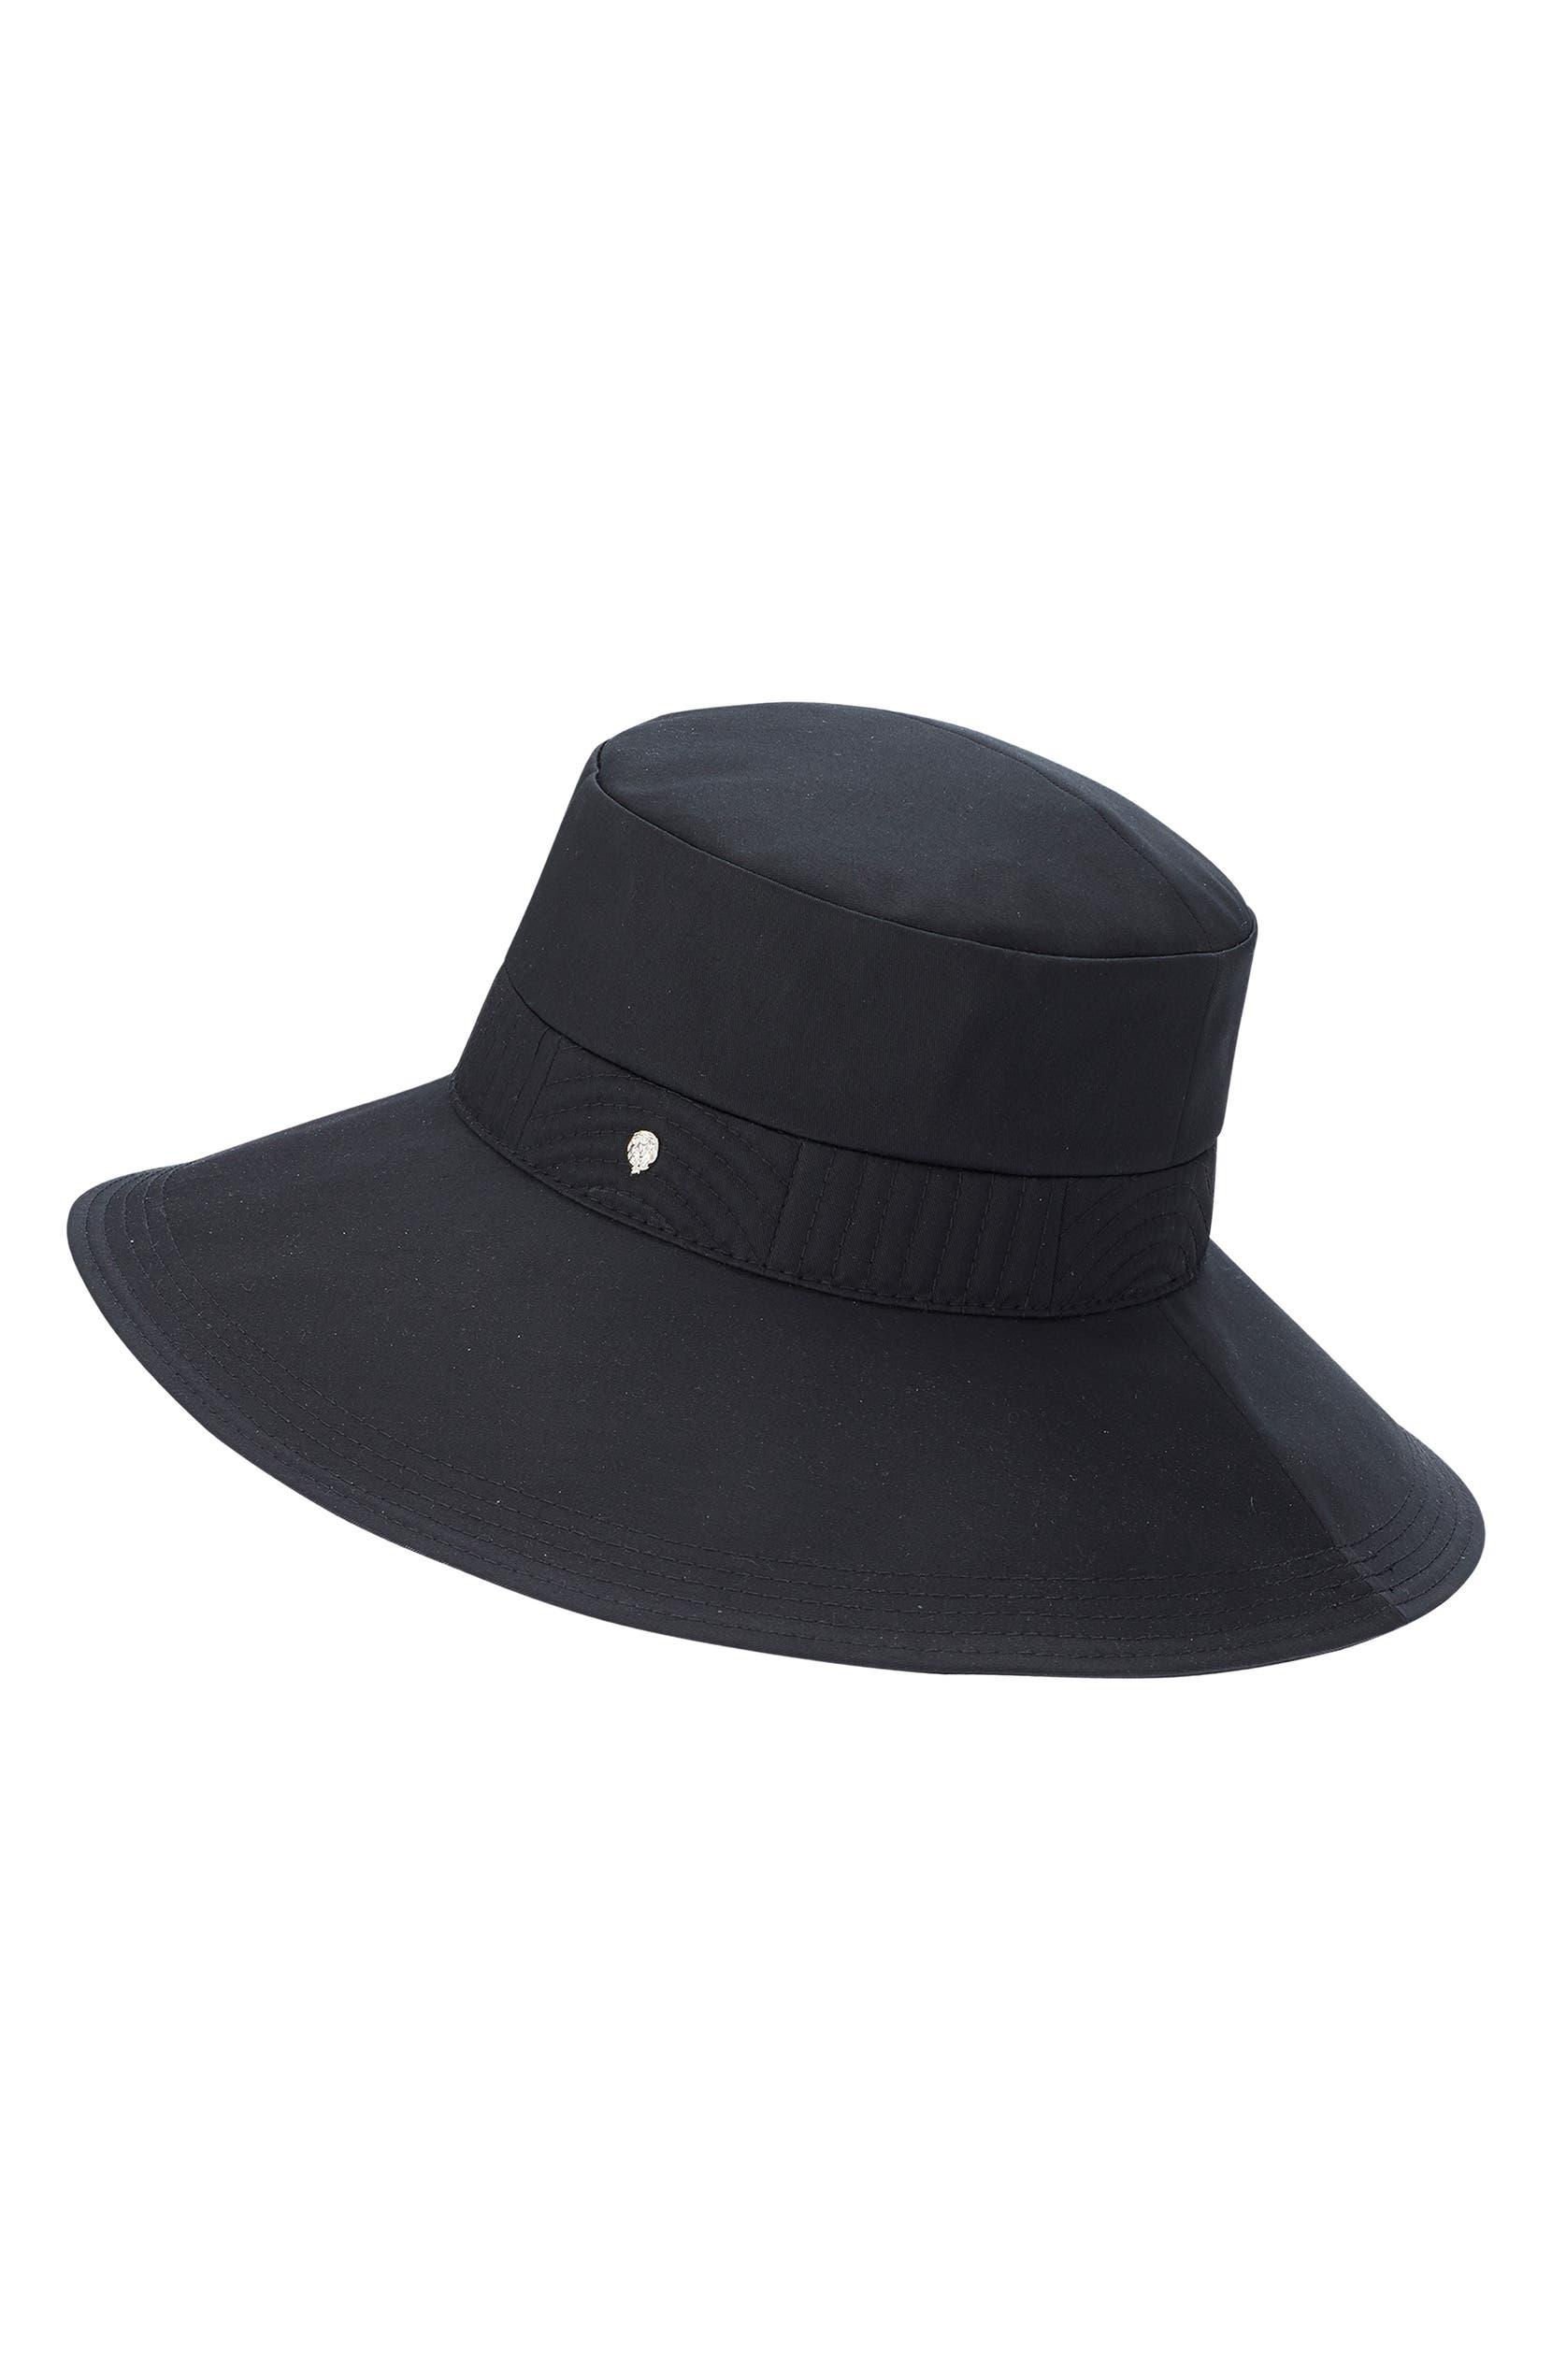 8031661a3e6 Helen Kaminski Water Resistant Bucket Hat